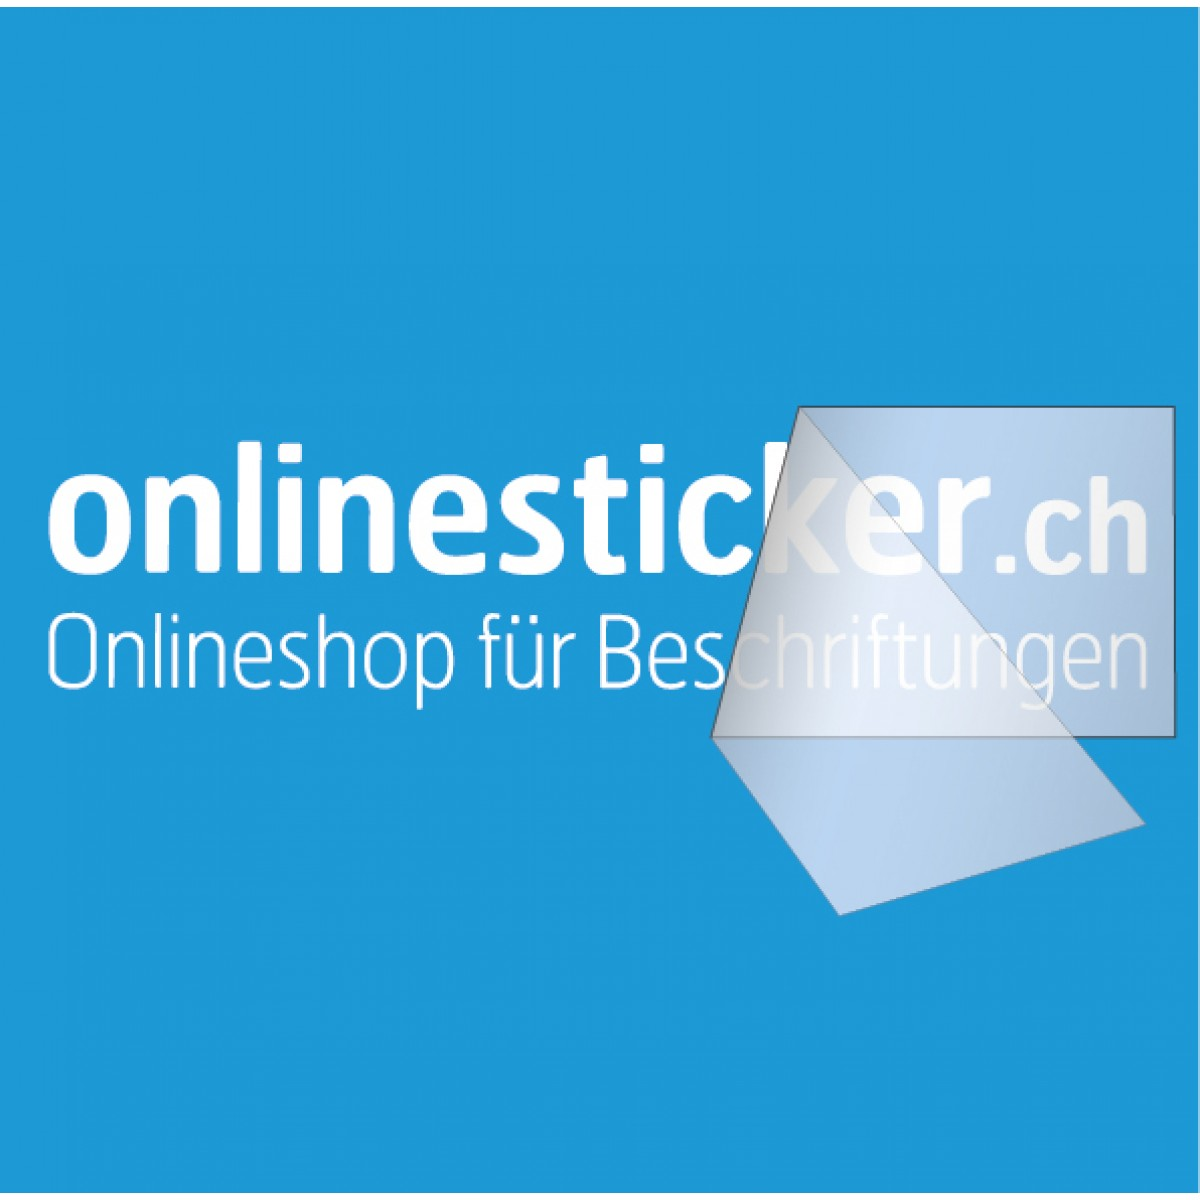 Anfrage Textaufkleber Konturgeschnitten Von Onlinestickerch